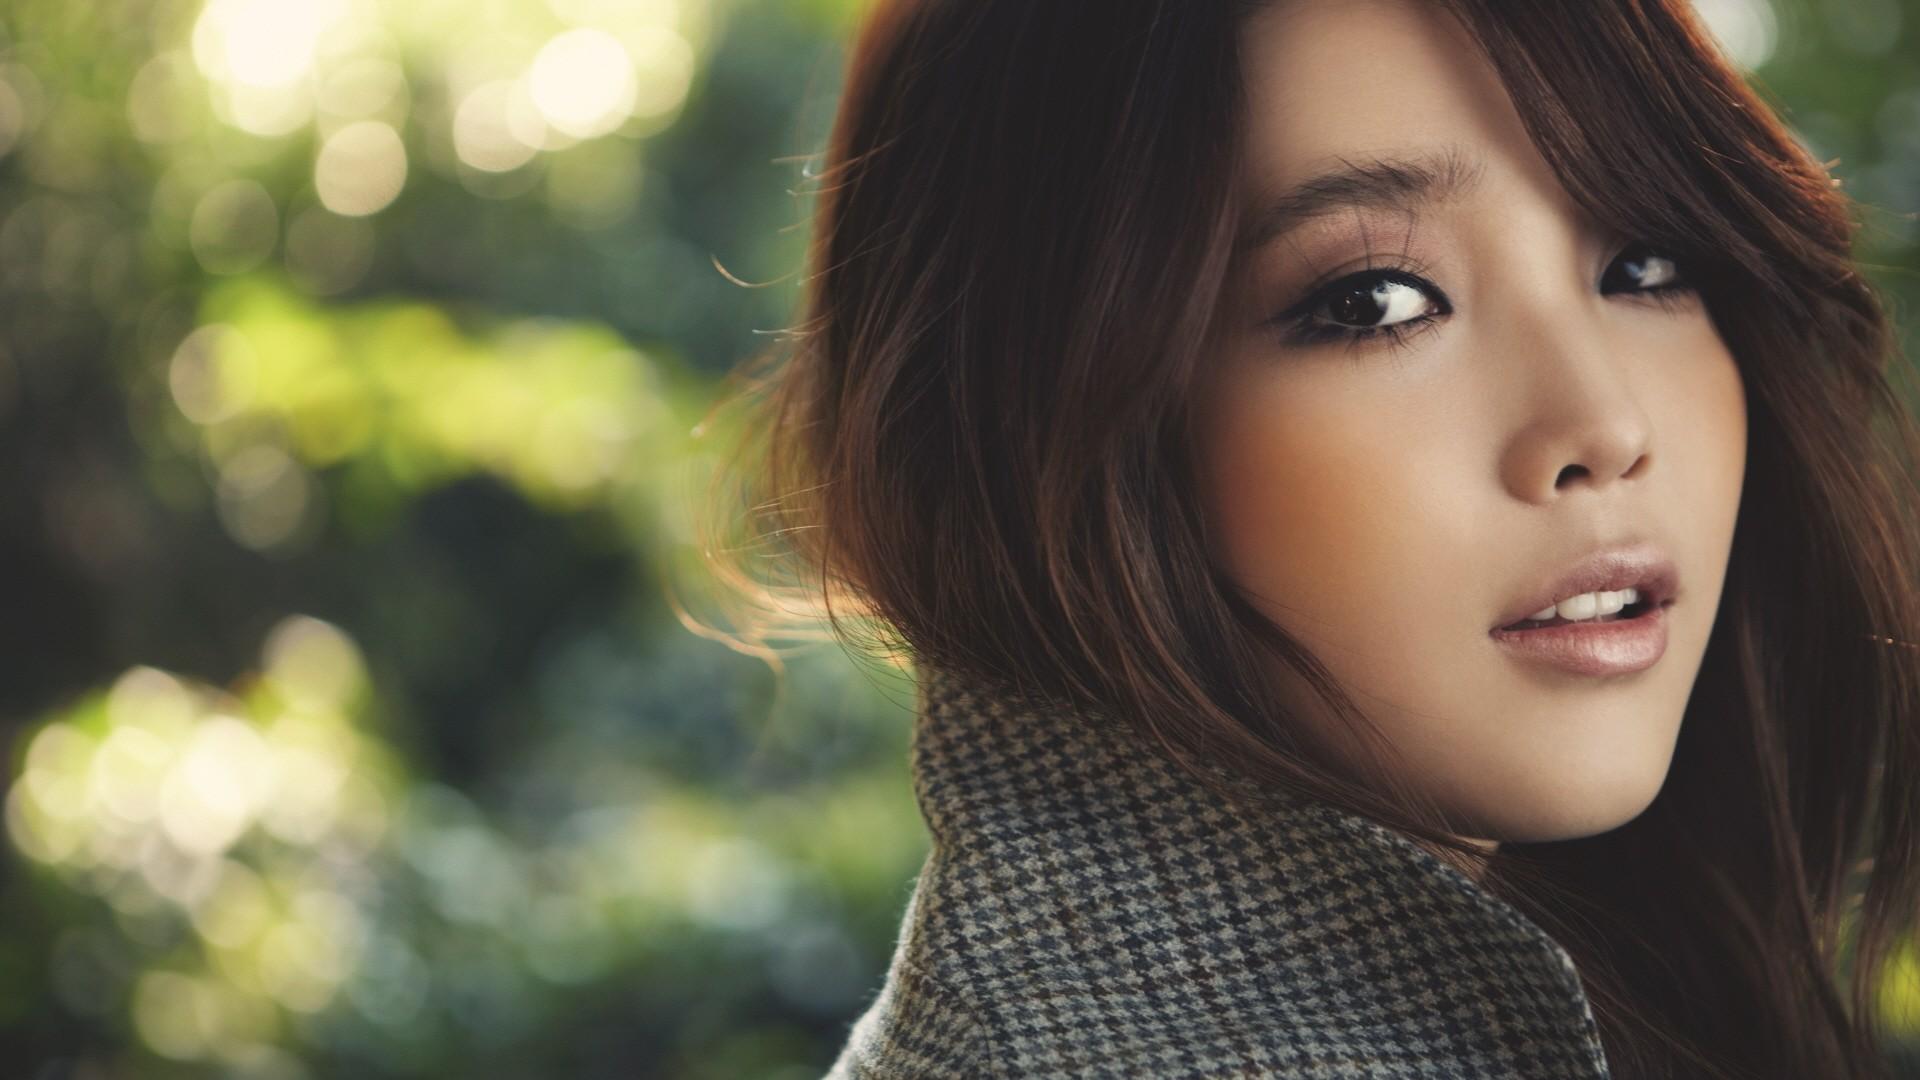 Сексуальные фото корейские девушки, девушки на подиуме в нижнем белье